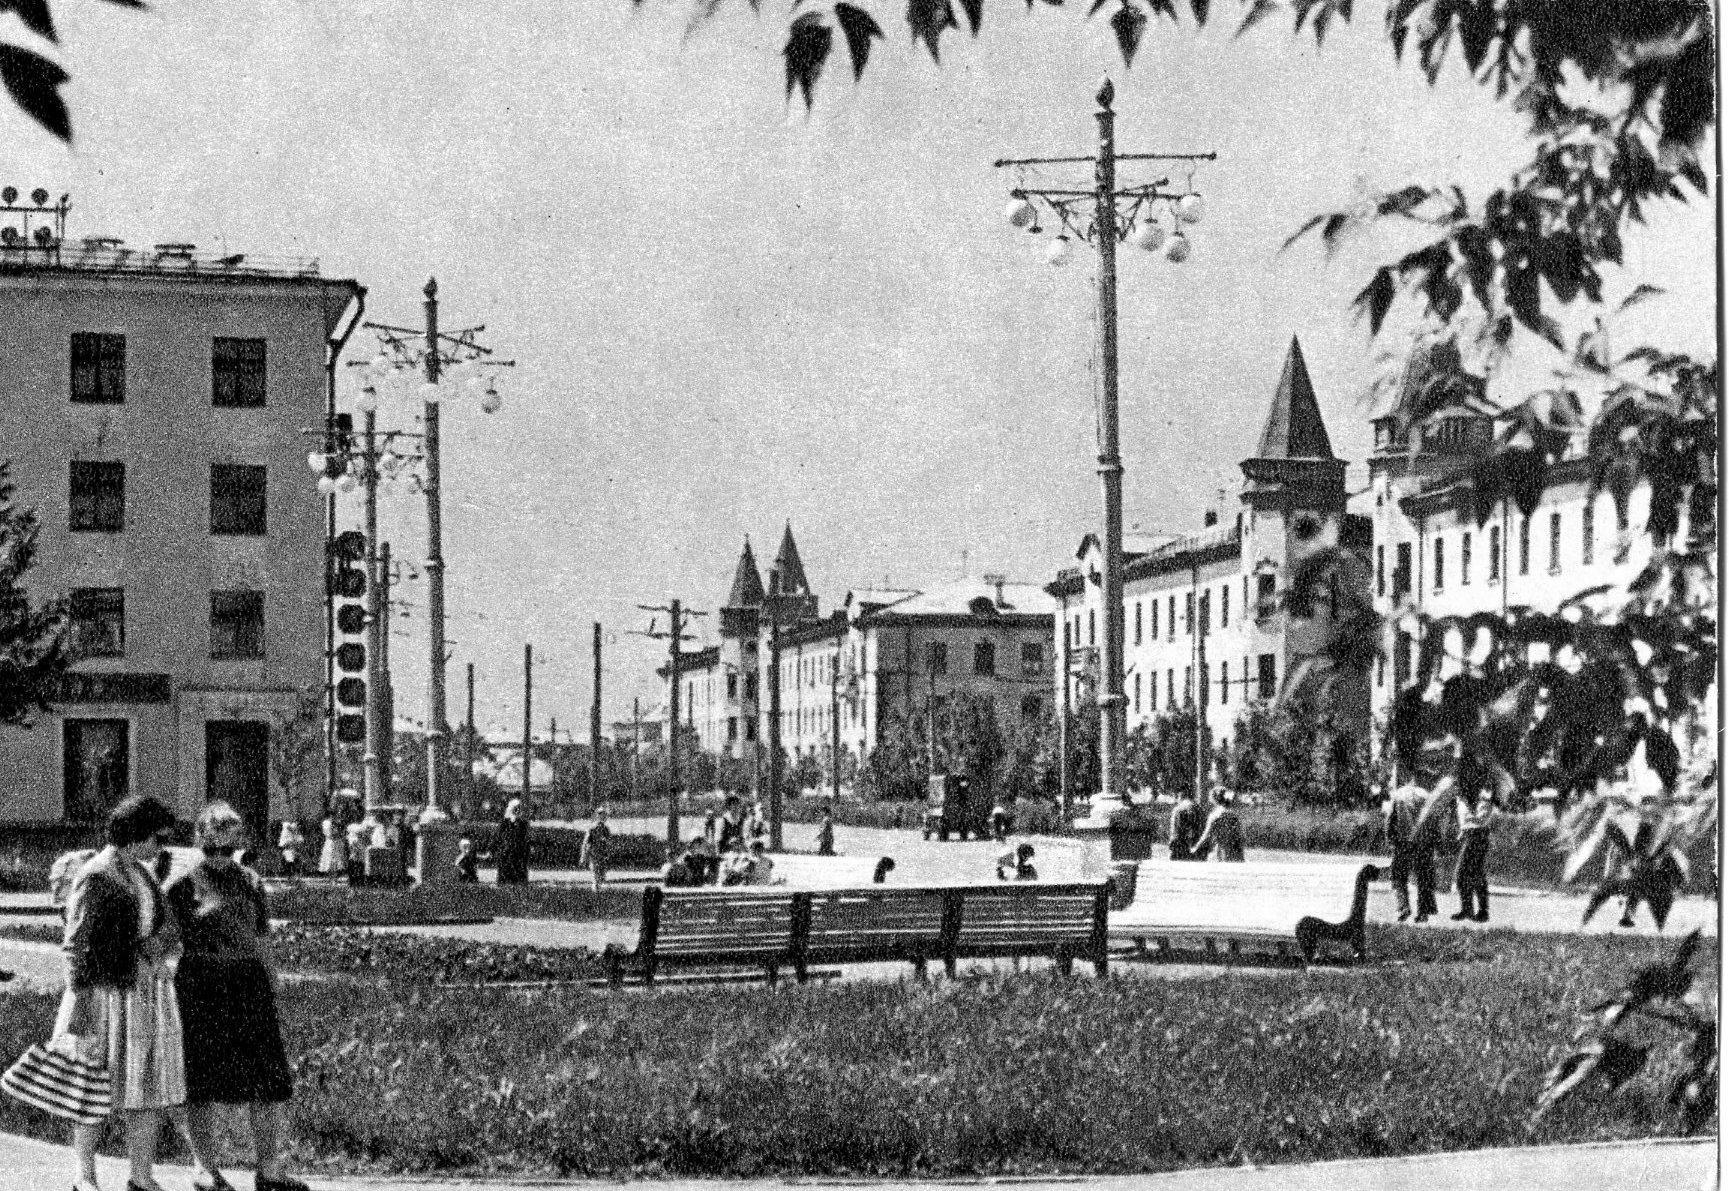 Куйбышев, проспект Металлургов. 1962 год